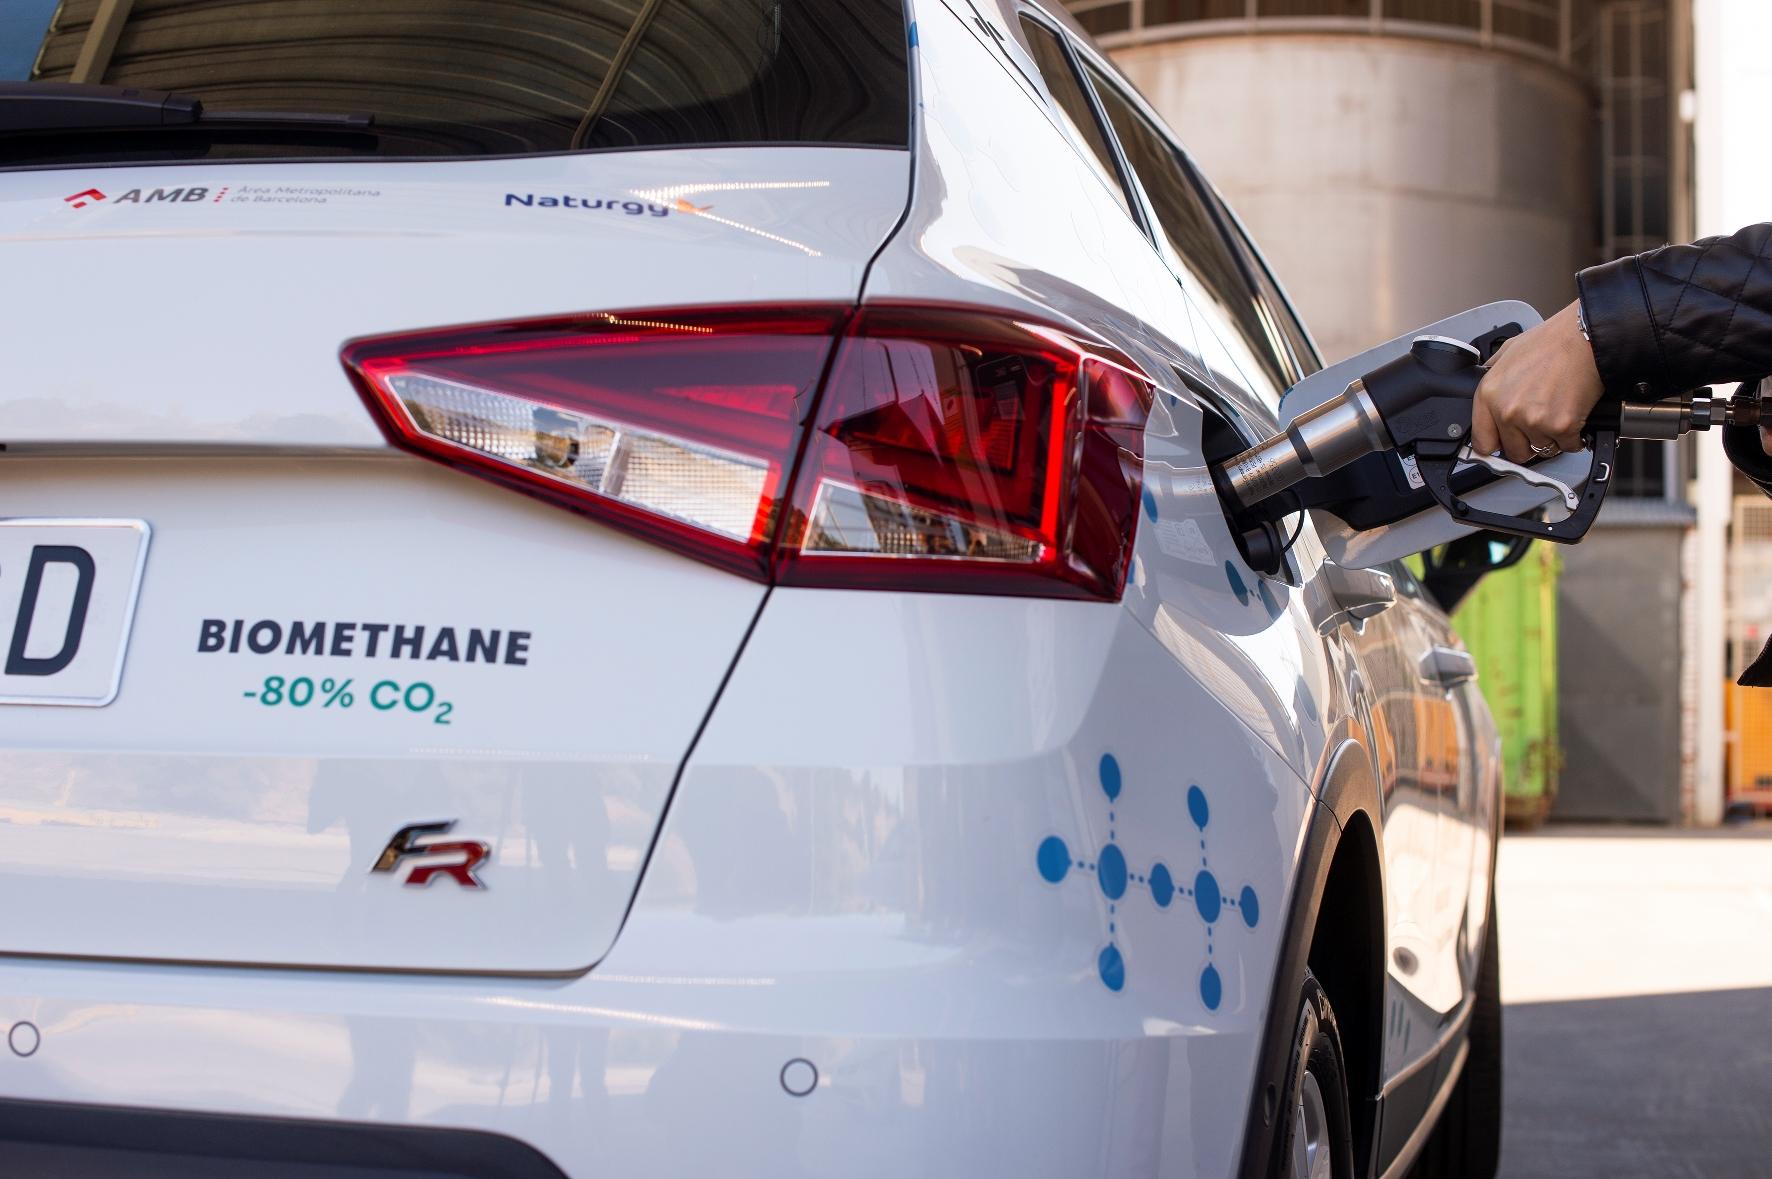 Инженеры Seat задумали перевести автомобили на топливо из отходов 2